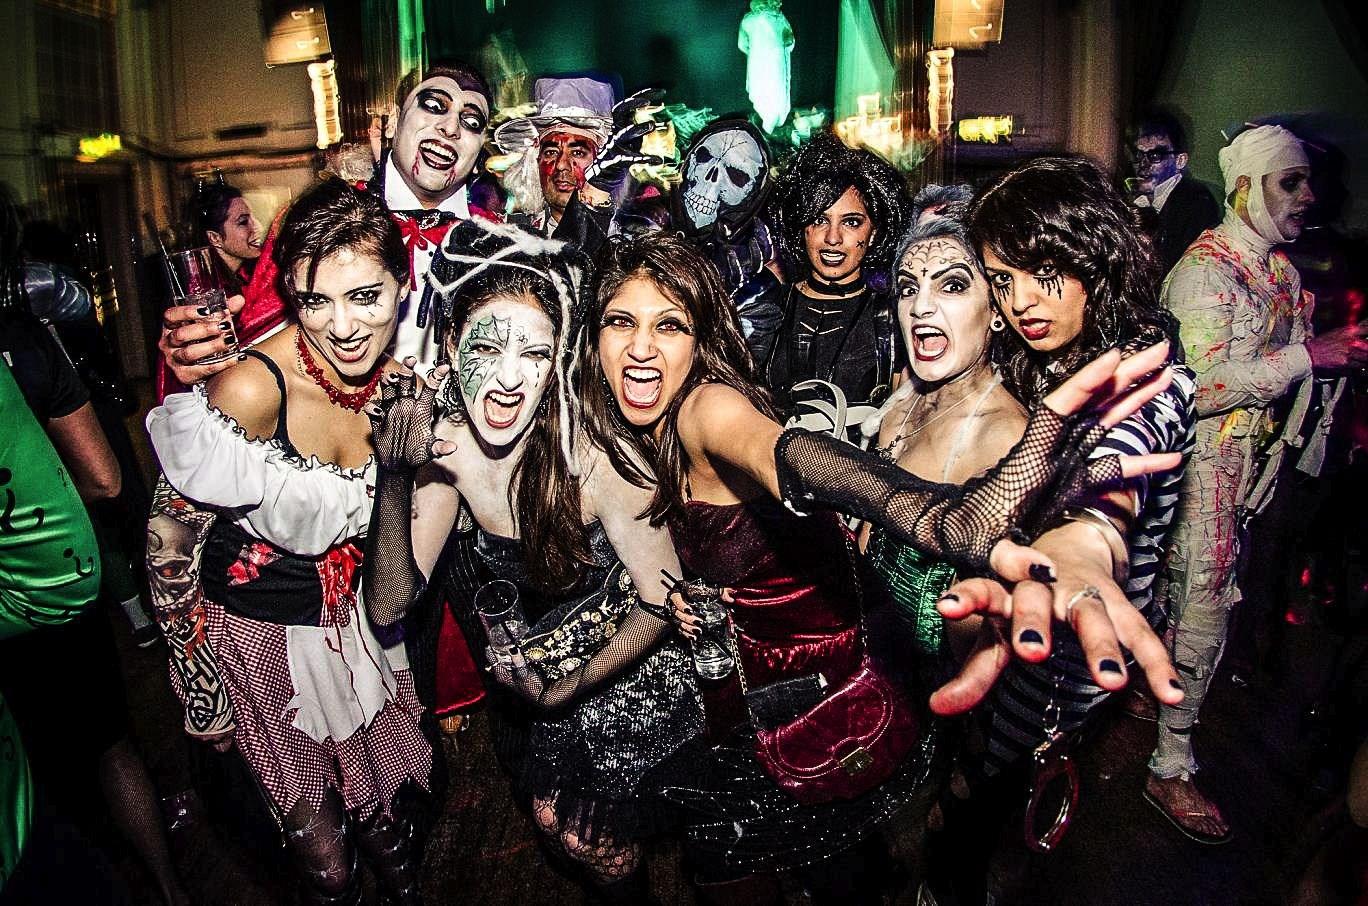 Взрослые вечеринки фото — img 3